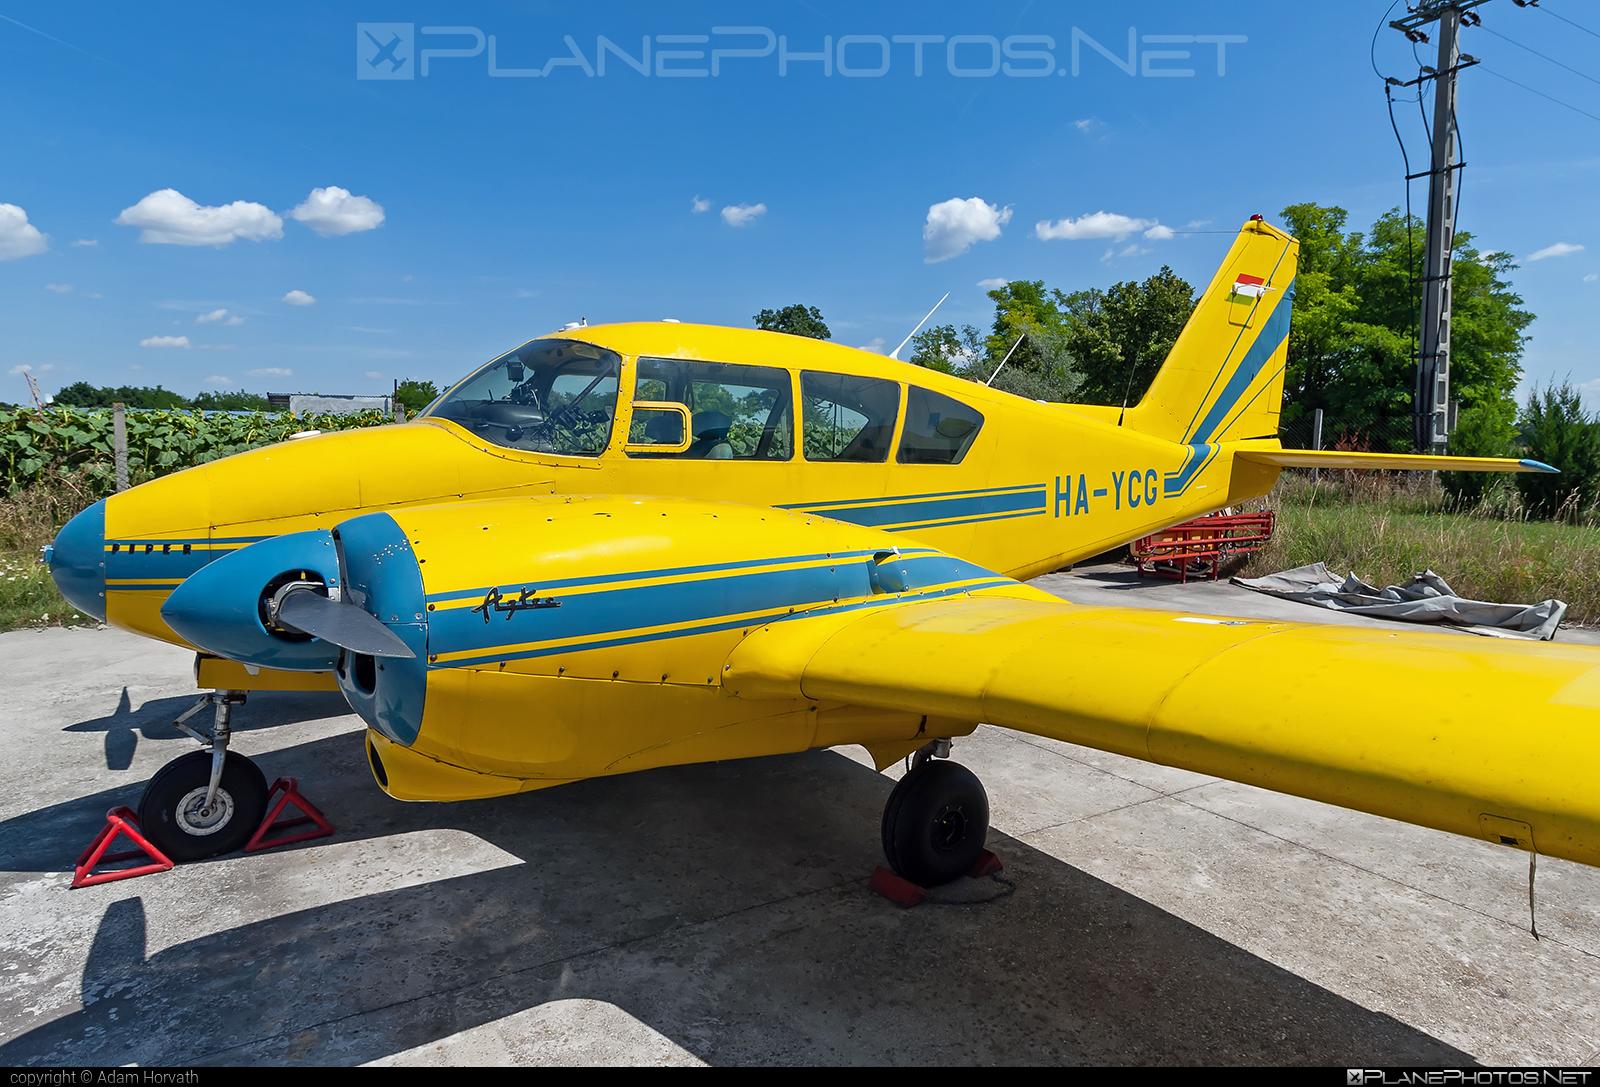 Piper PA-23-250 Aztec - HA-YCG operated by Aero Média Kft. #aeromediakft #piper